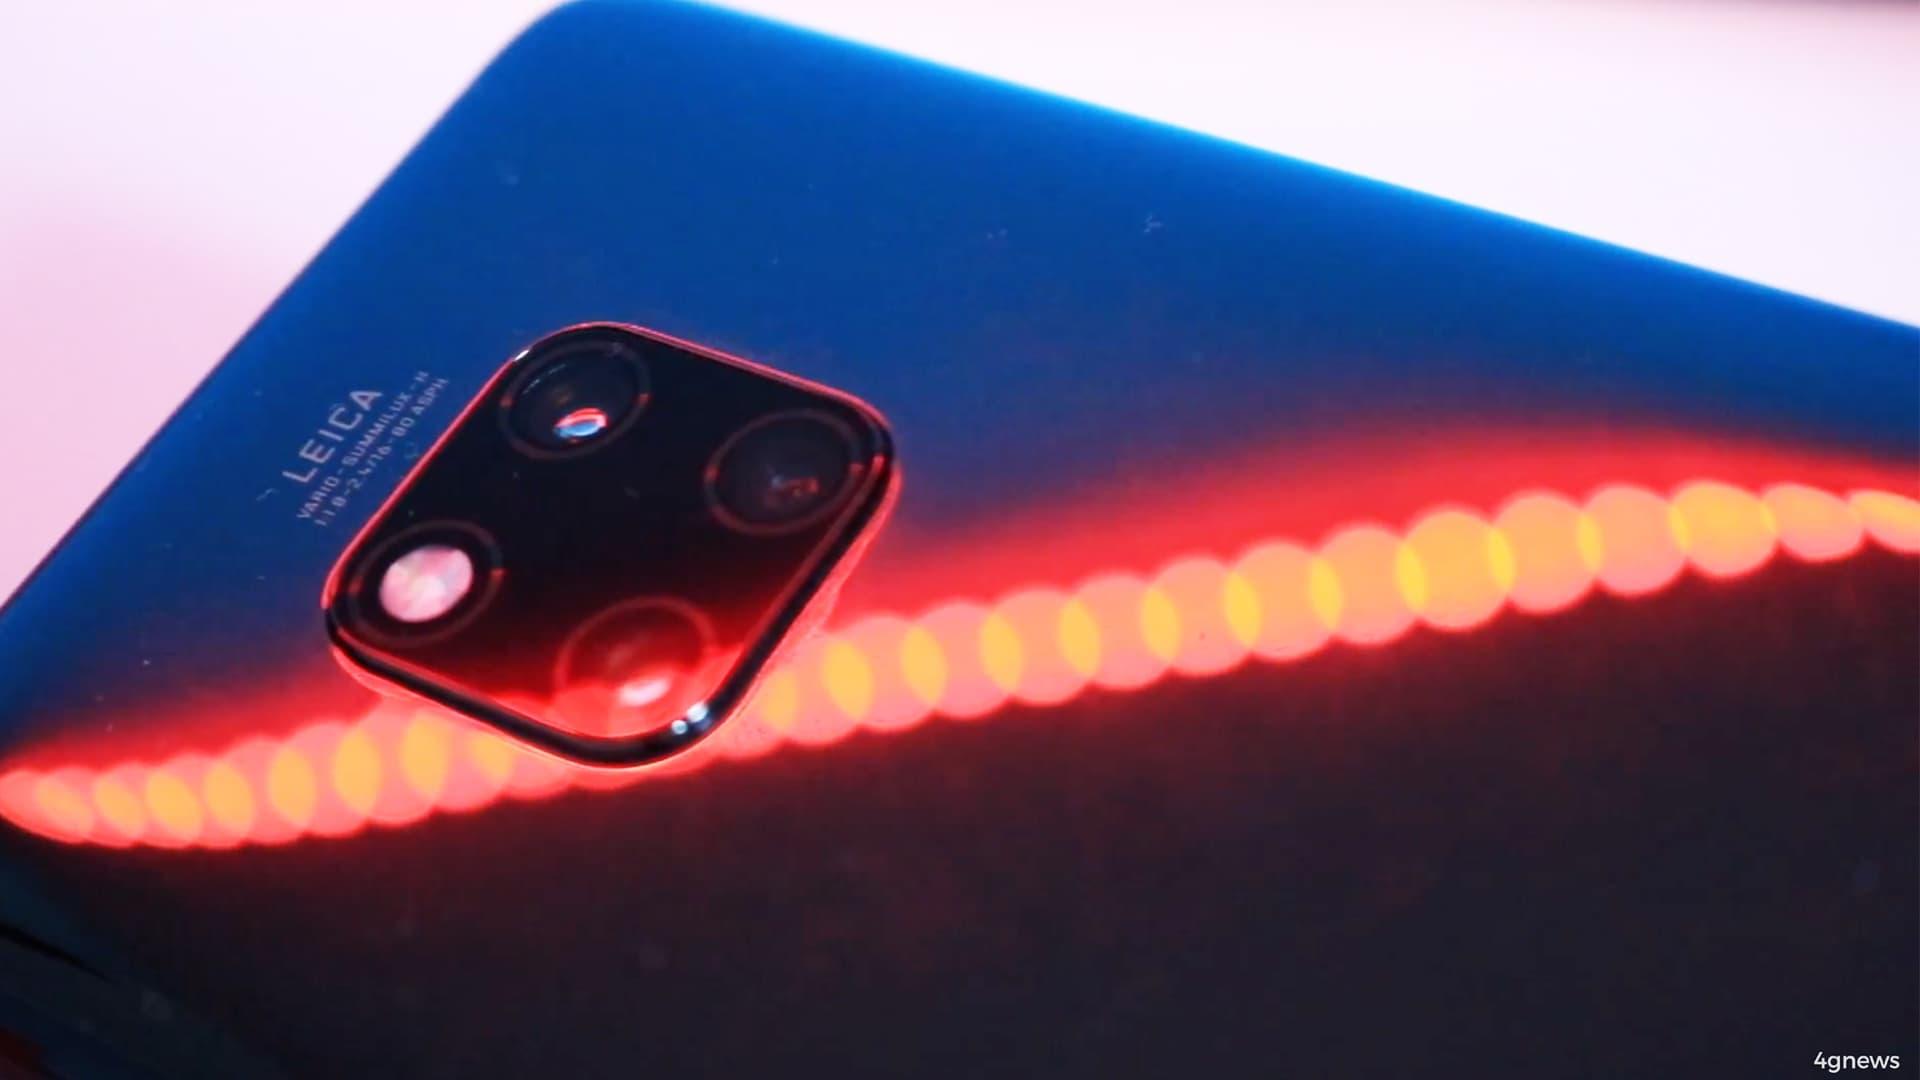 Próximo Huawei Mate será totalmente diferente do Huawei Mate 20 Pro